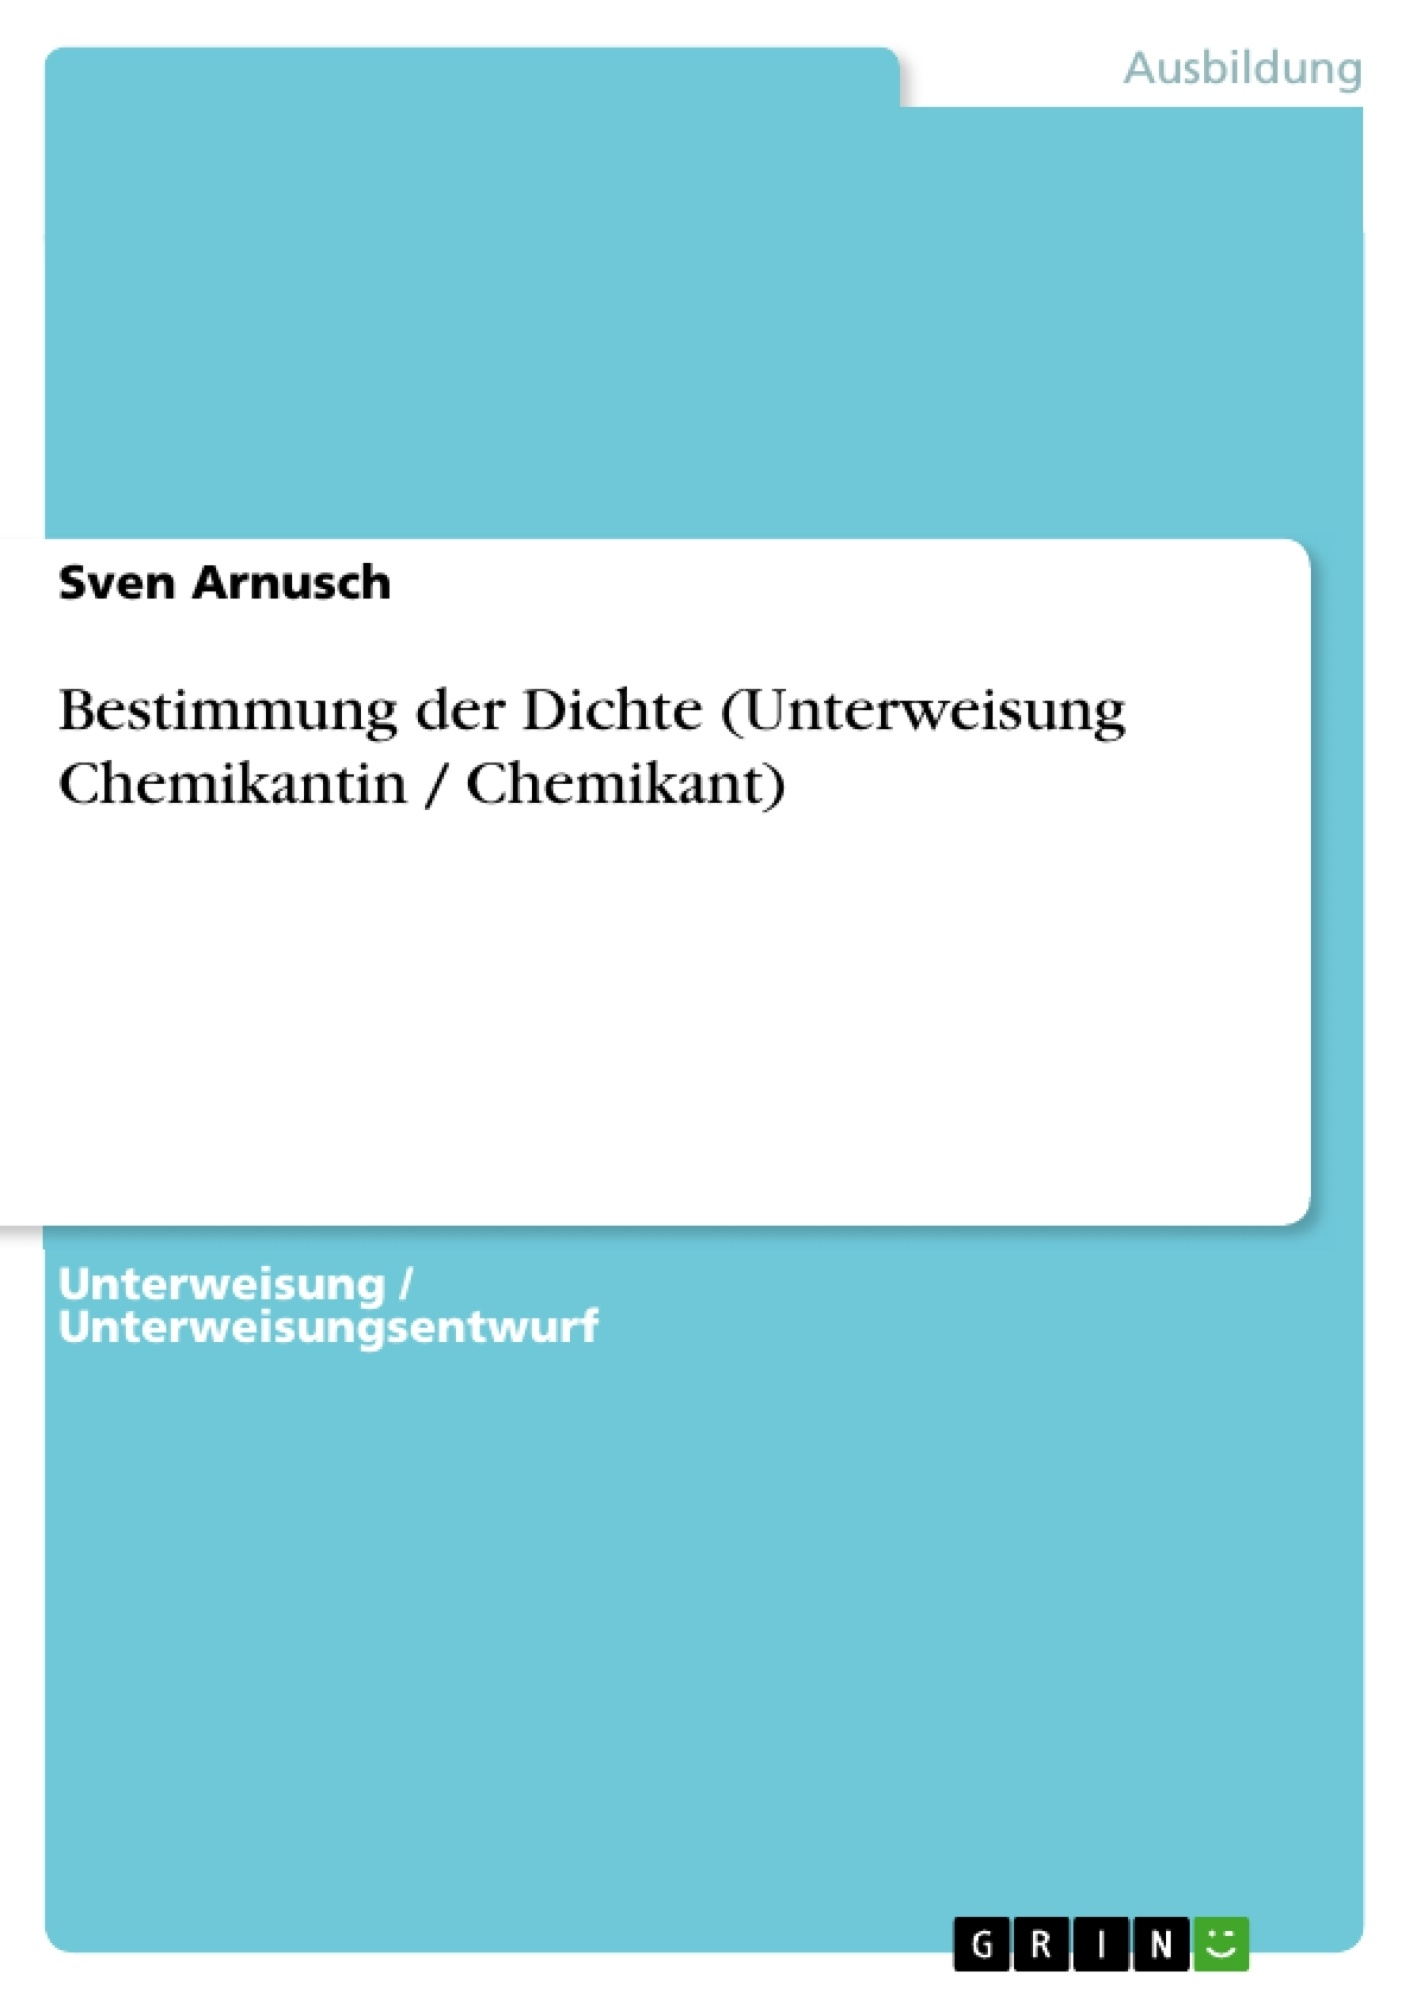 Titel: Bestimmung der Dichte (Unterweisung Chemikantin / Chemikant)